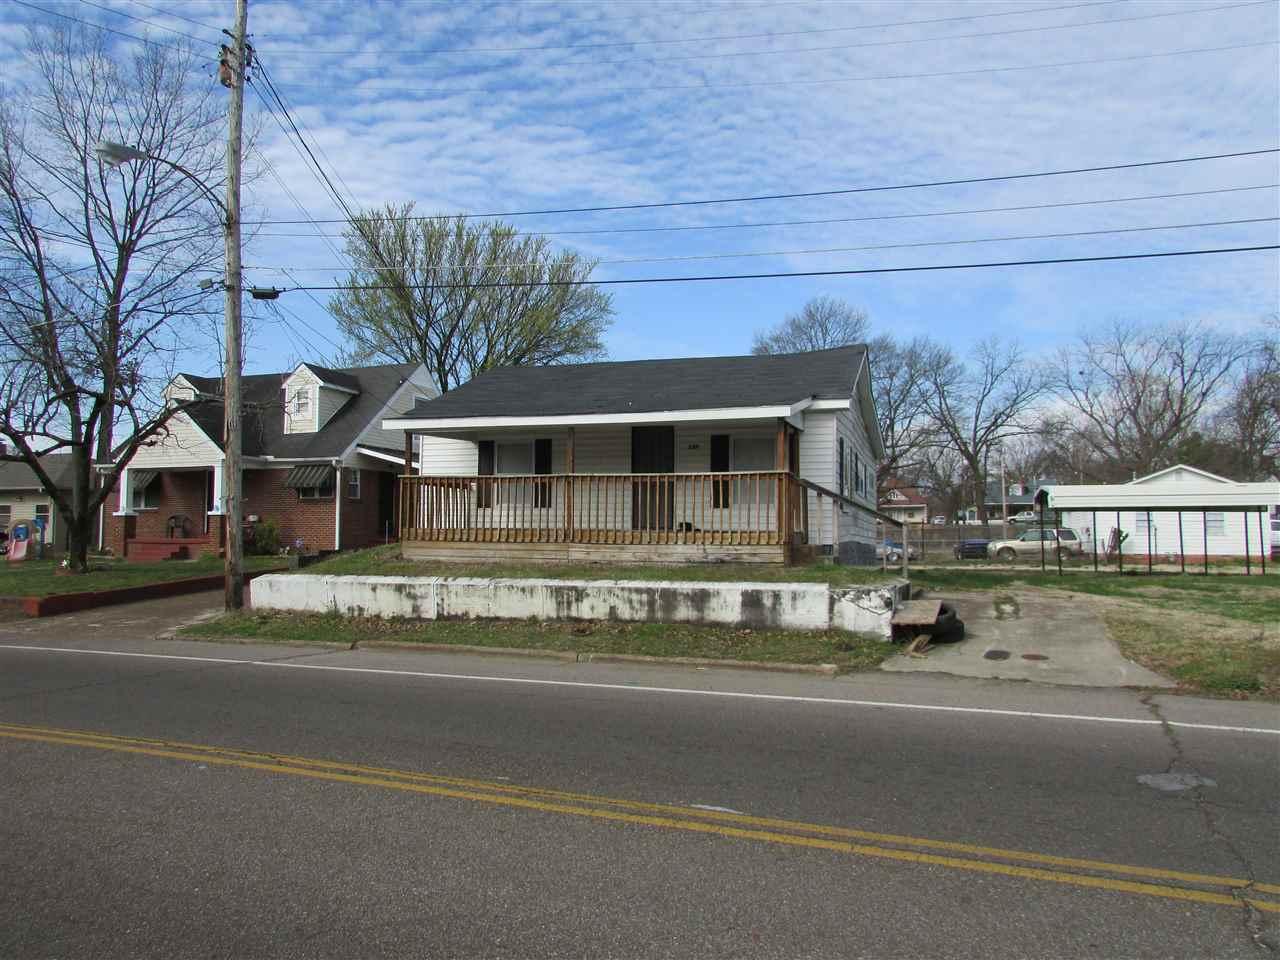 131 Whitehall Street,Jackson,Tennessee 38305,3 Bedrooms Bedrooms,2 BathroomsBathrooms,Residential,131 Whitehall Street,181896